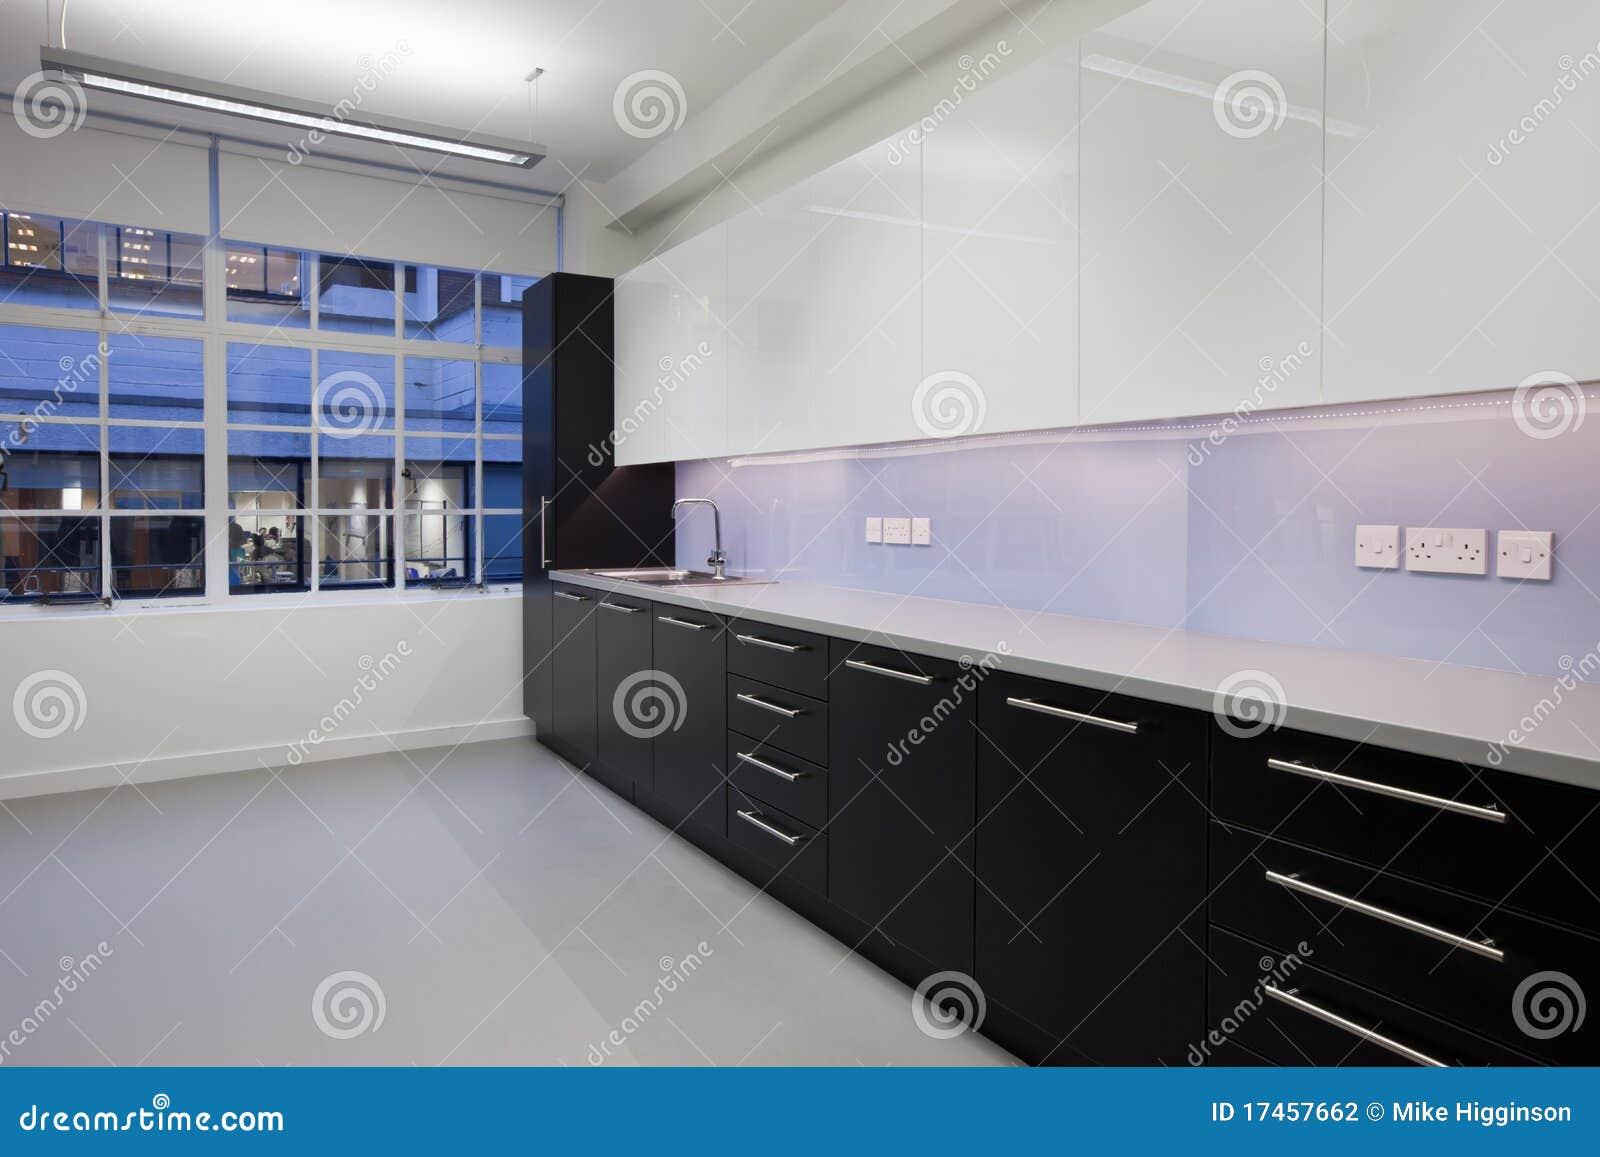 De keuken van de werkplaats stock fotografie afbeelding 17457662 - Keuken glas werkplaats ...